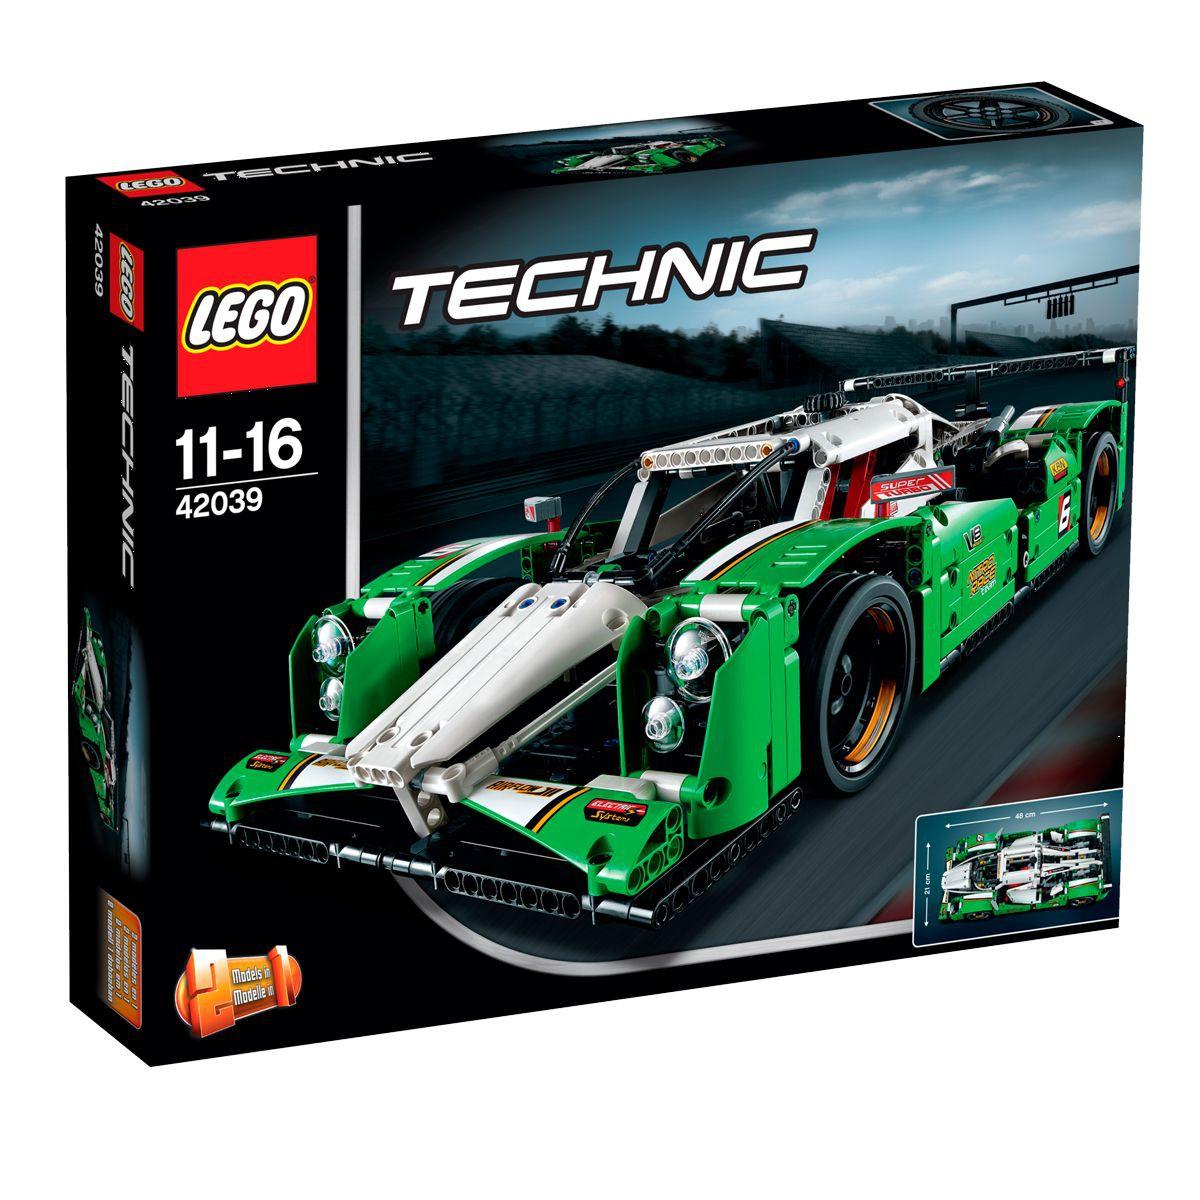 Lego technic 42039 - Prototype de course 2en1 (4x4 modèle secondaire)